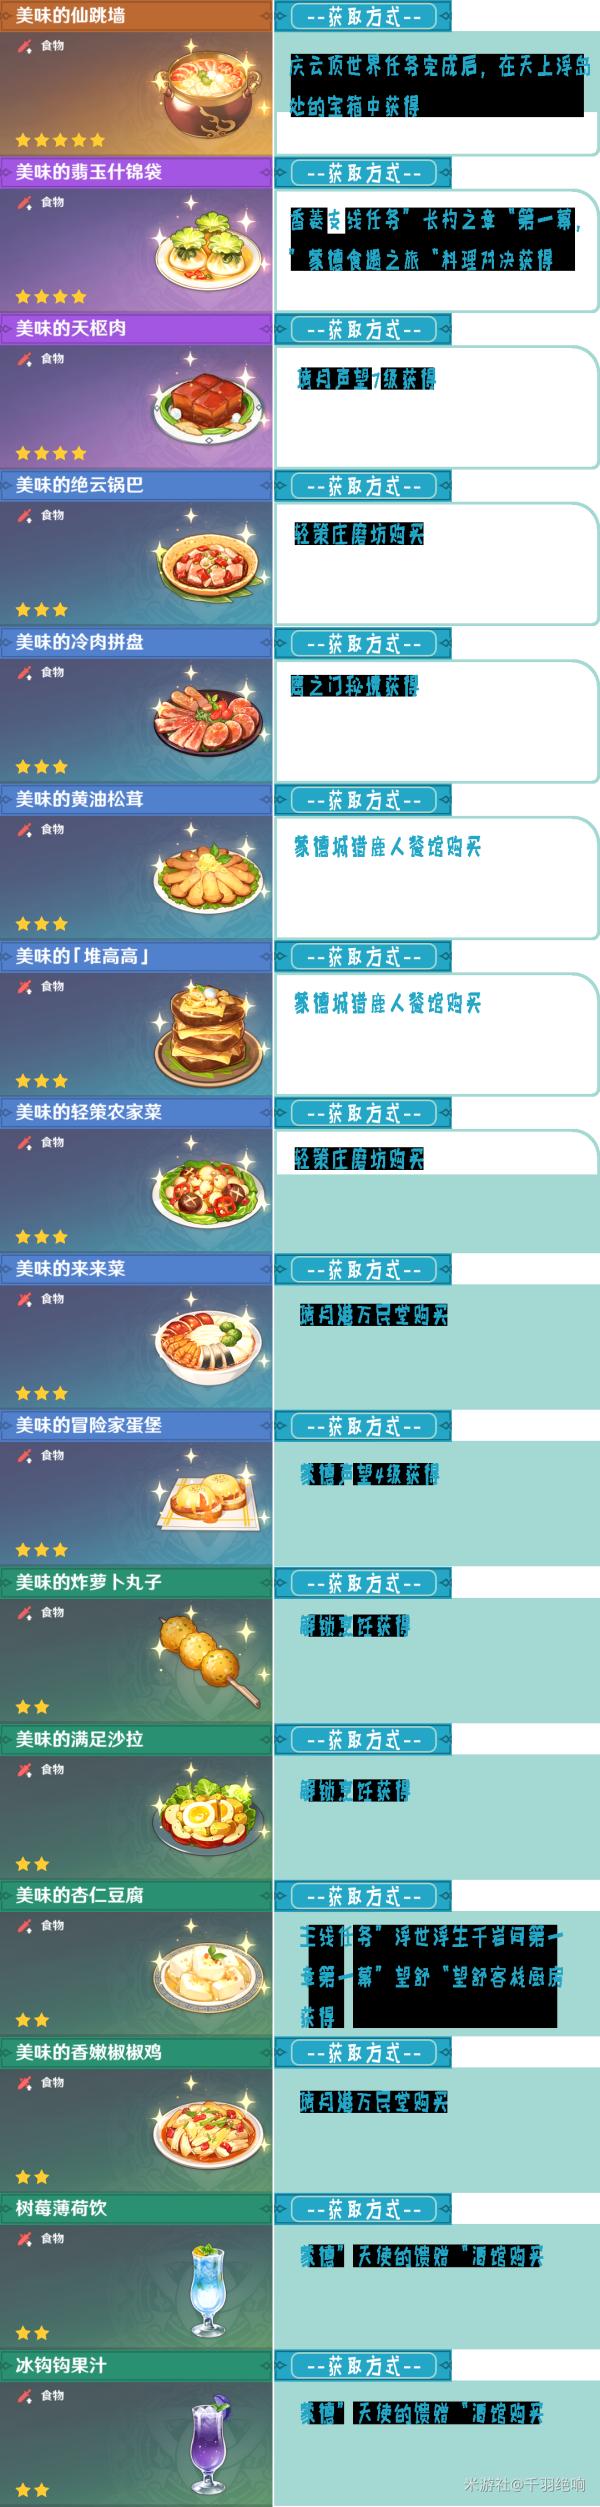 原神1.2版本58种食谱配方获得方法一览